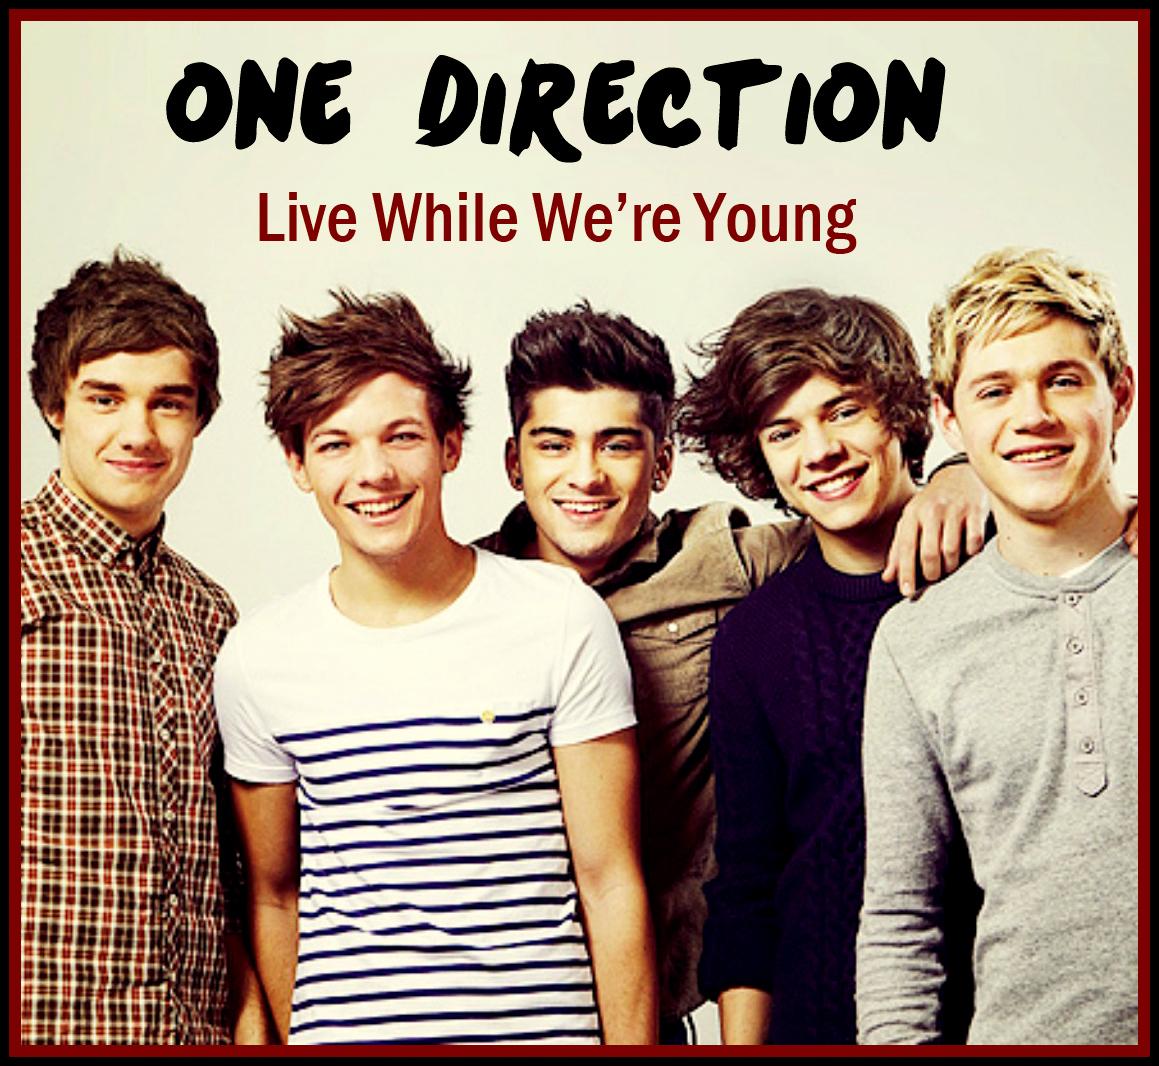 Kumpulan Lirik Lagu: Live While We're Young Lyrics - One ...